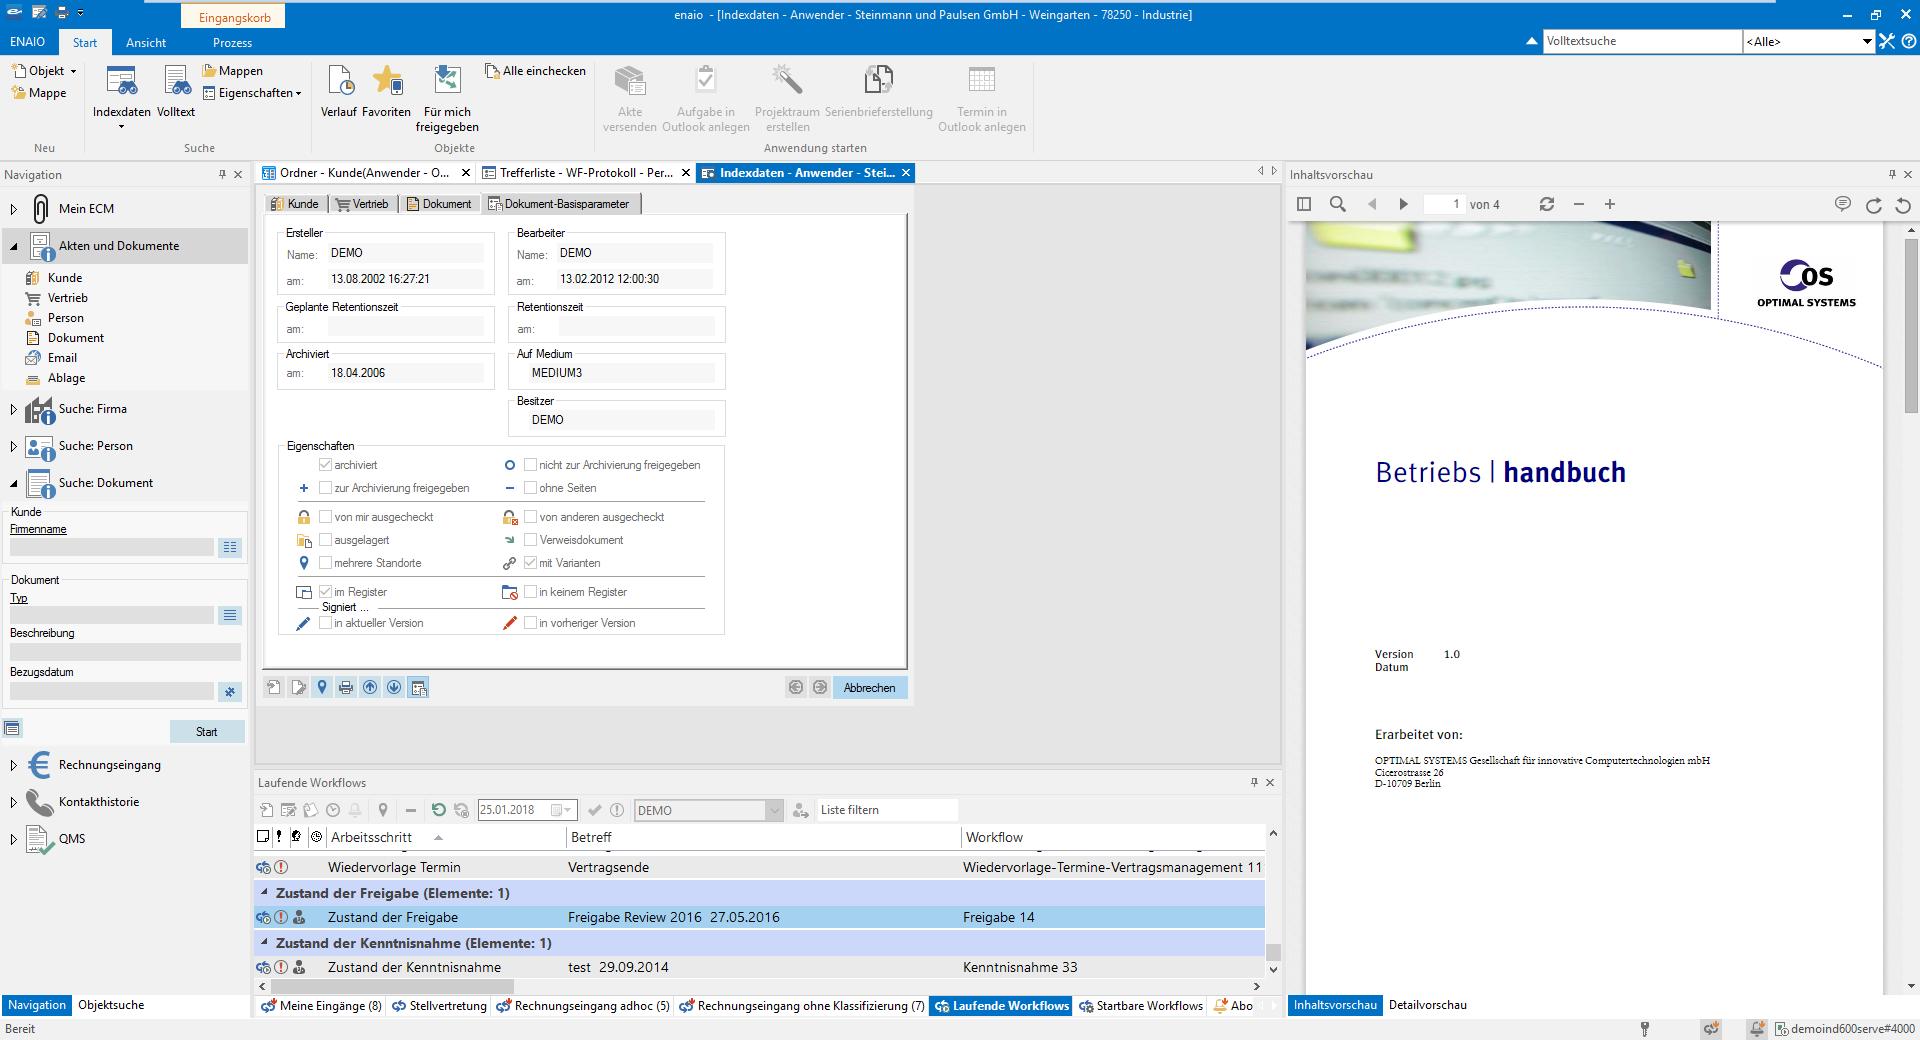 Screenshot enaio® Verwaltungsakte Indexdaten